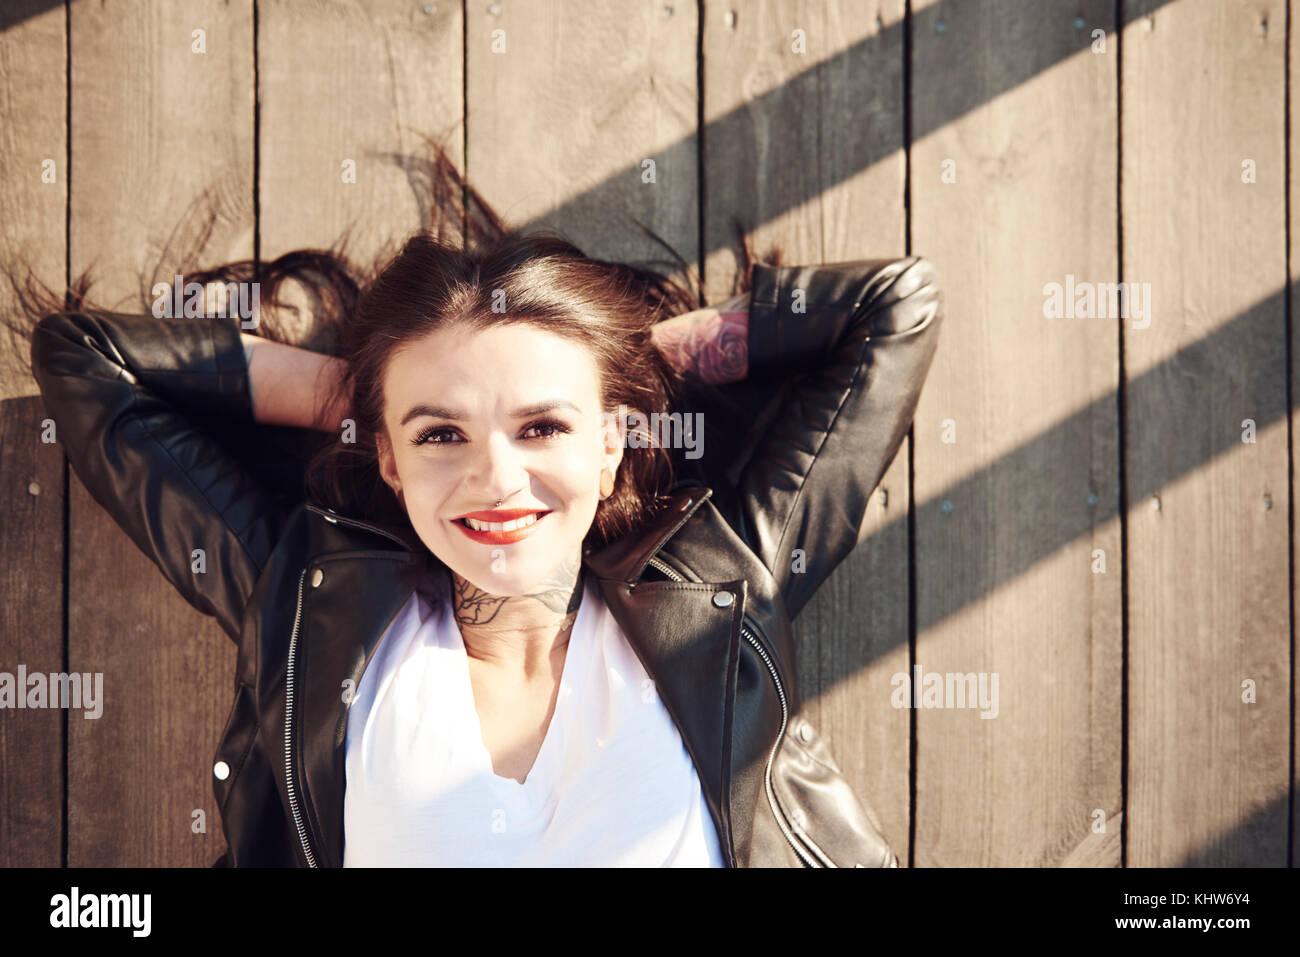 Porträt der jungen Frau liegend auf Holzterrasse, die Hände hinter dem Kopf, Lächeln, Ansicht von Stockbild